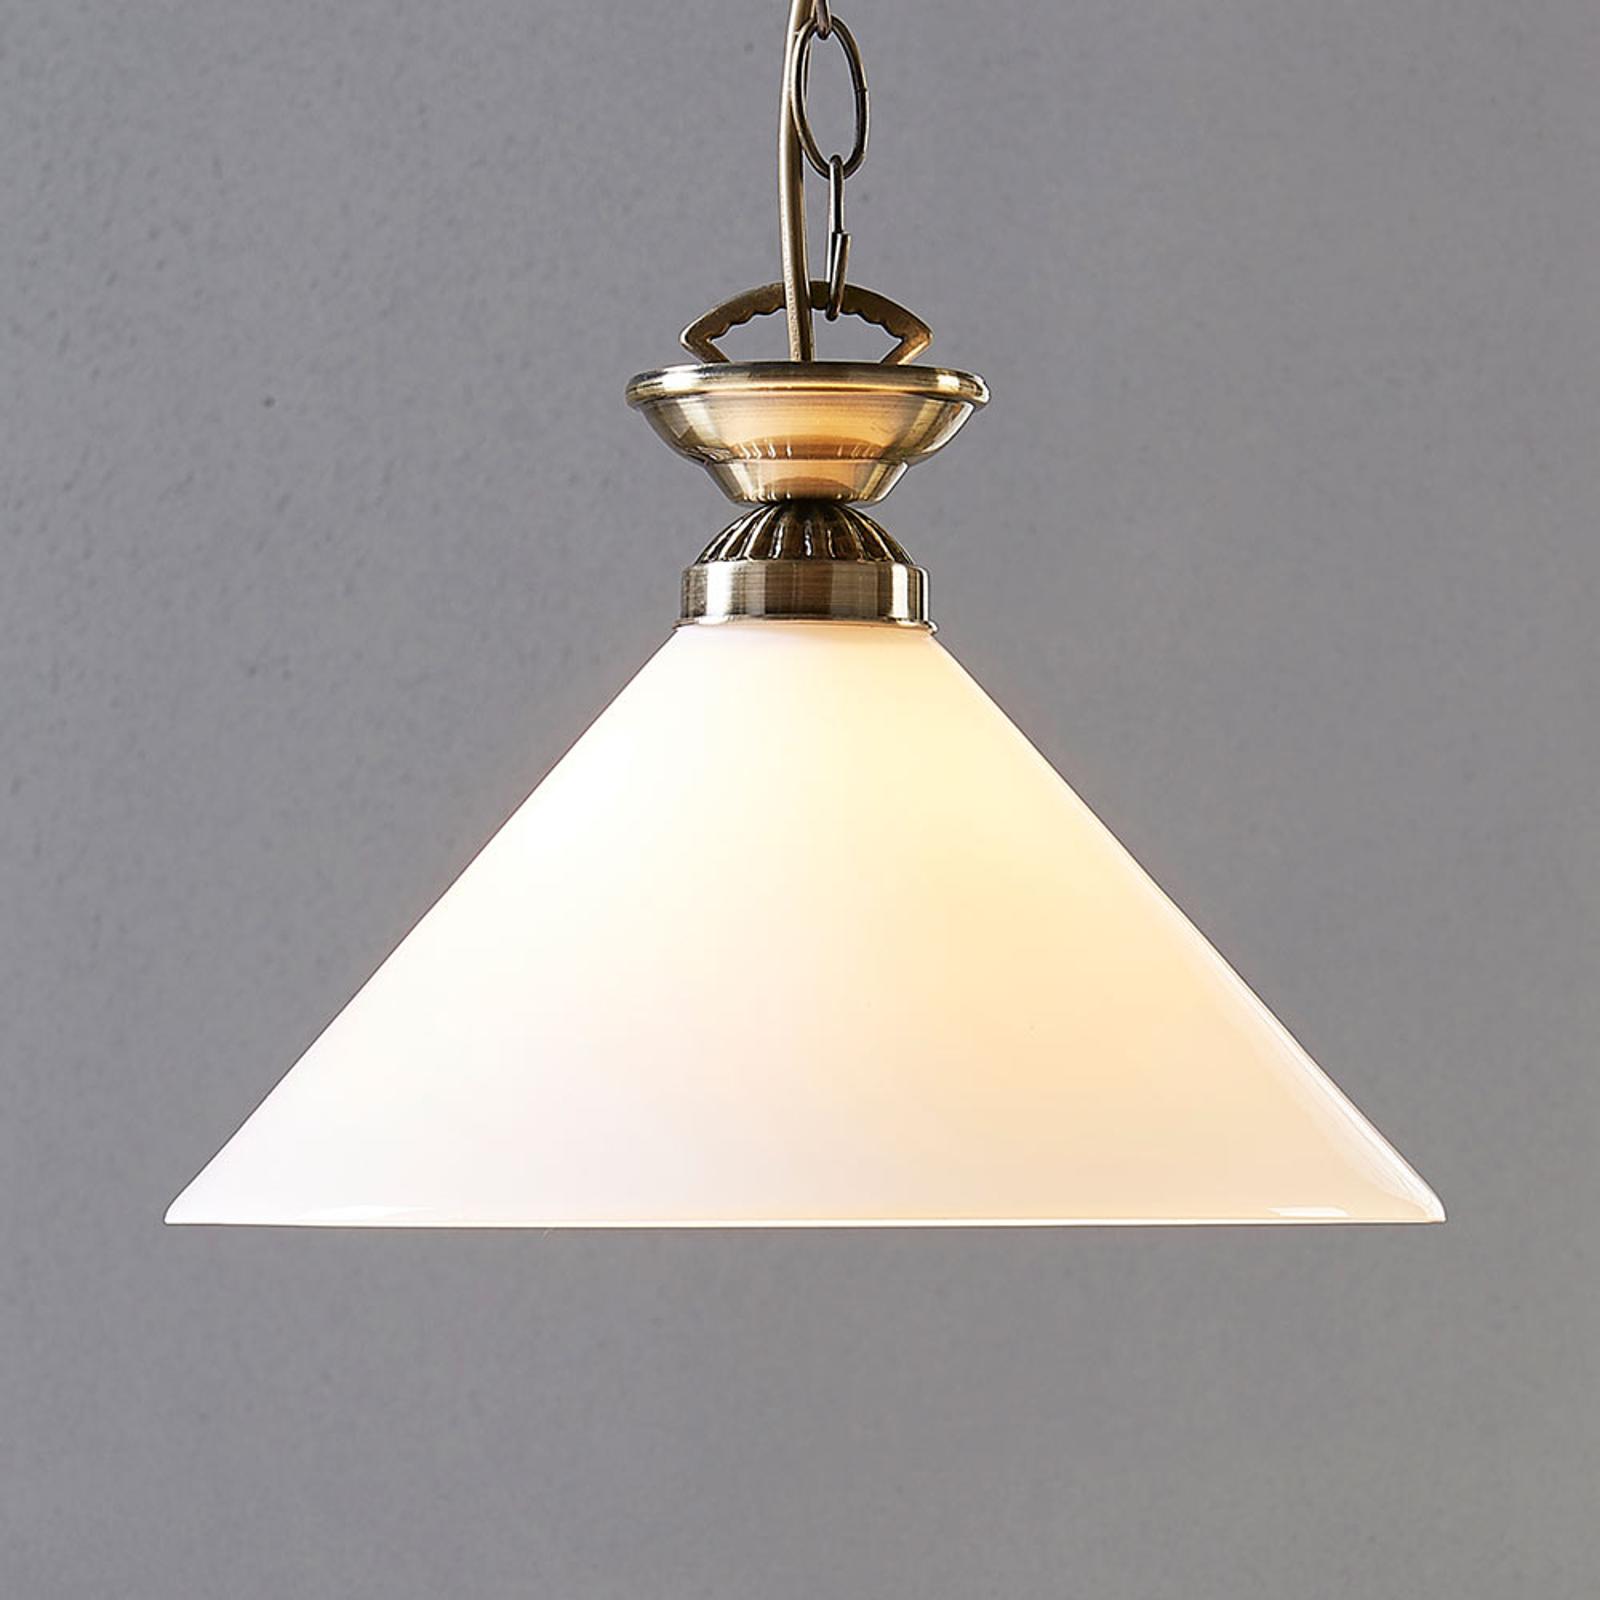 Skleněná závěsná lampa Otis, 1bodová